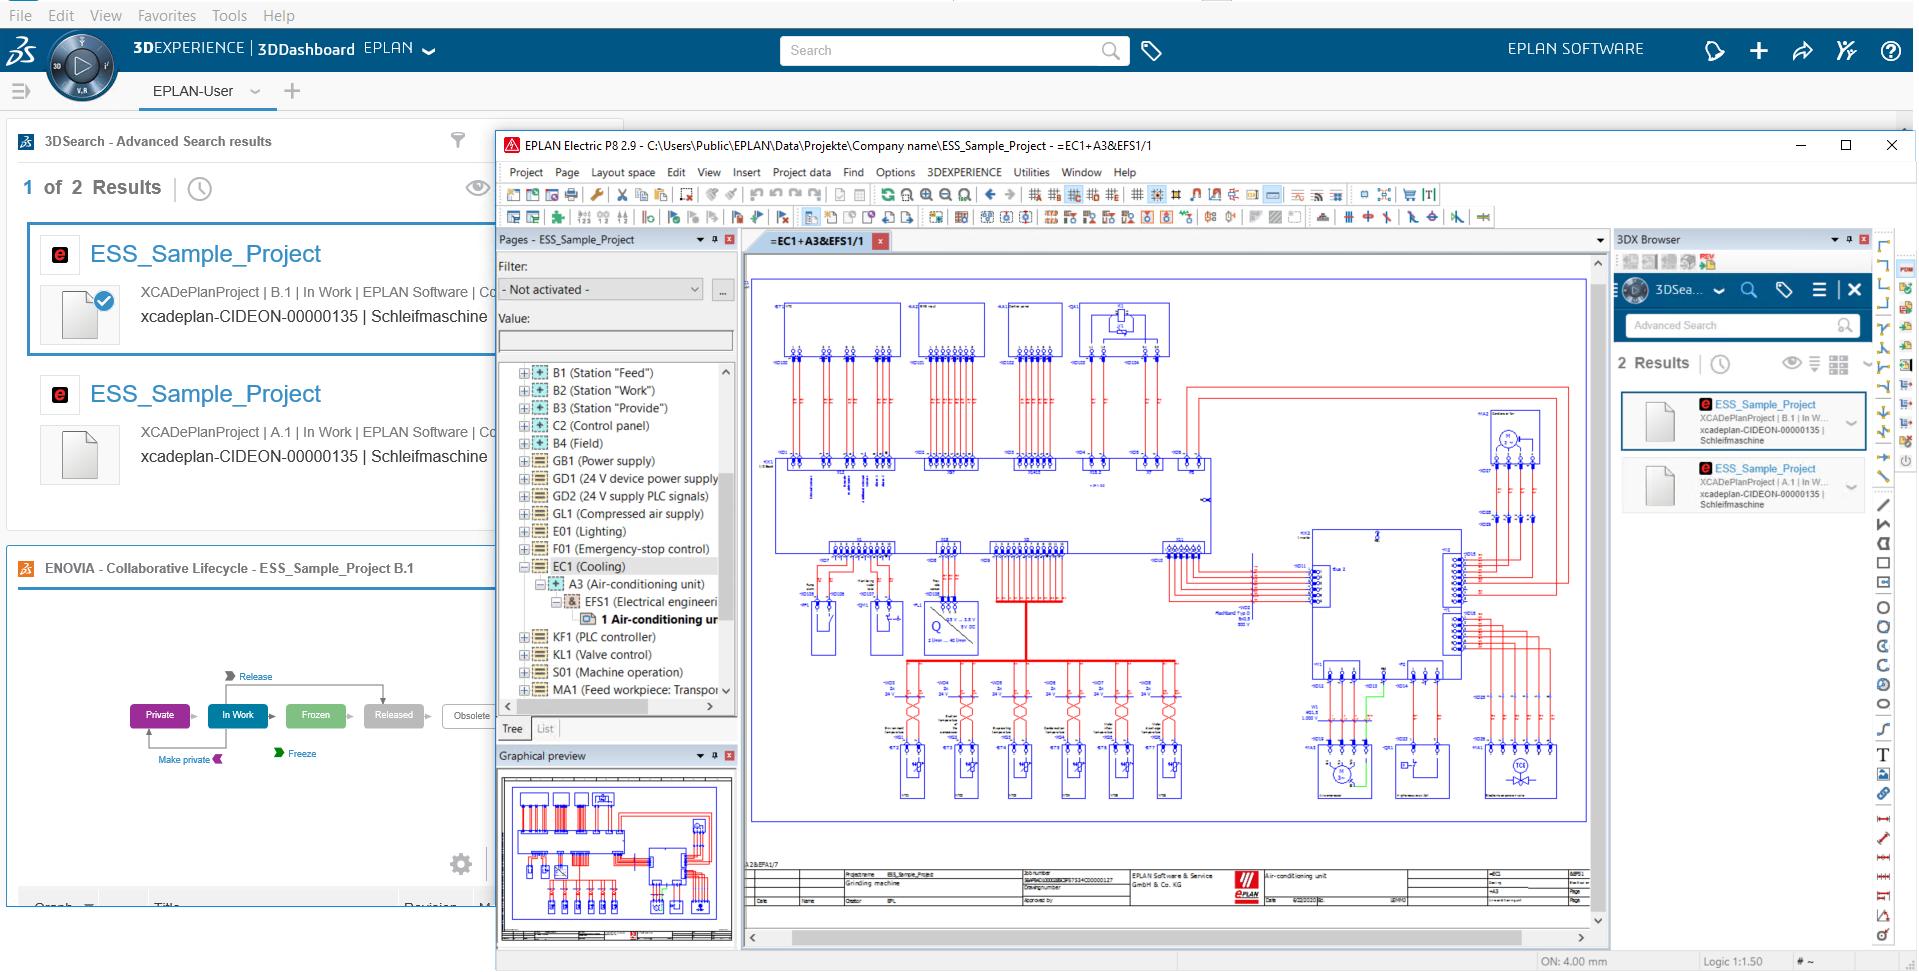 Eplan und 3DExperience von Dassault Systèmes im Einklang: Der neue PLM 3DExperience Connector lässt beide Anwendungen bidirektional kommunizieren.